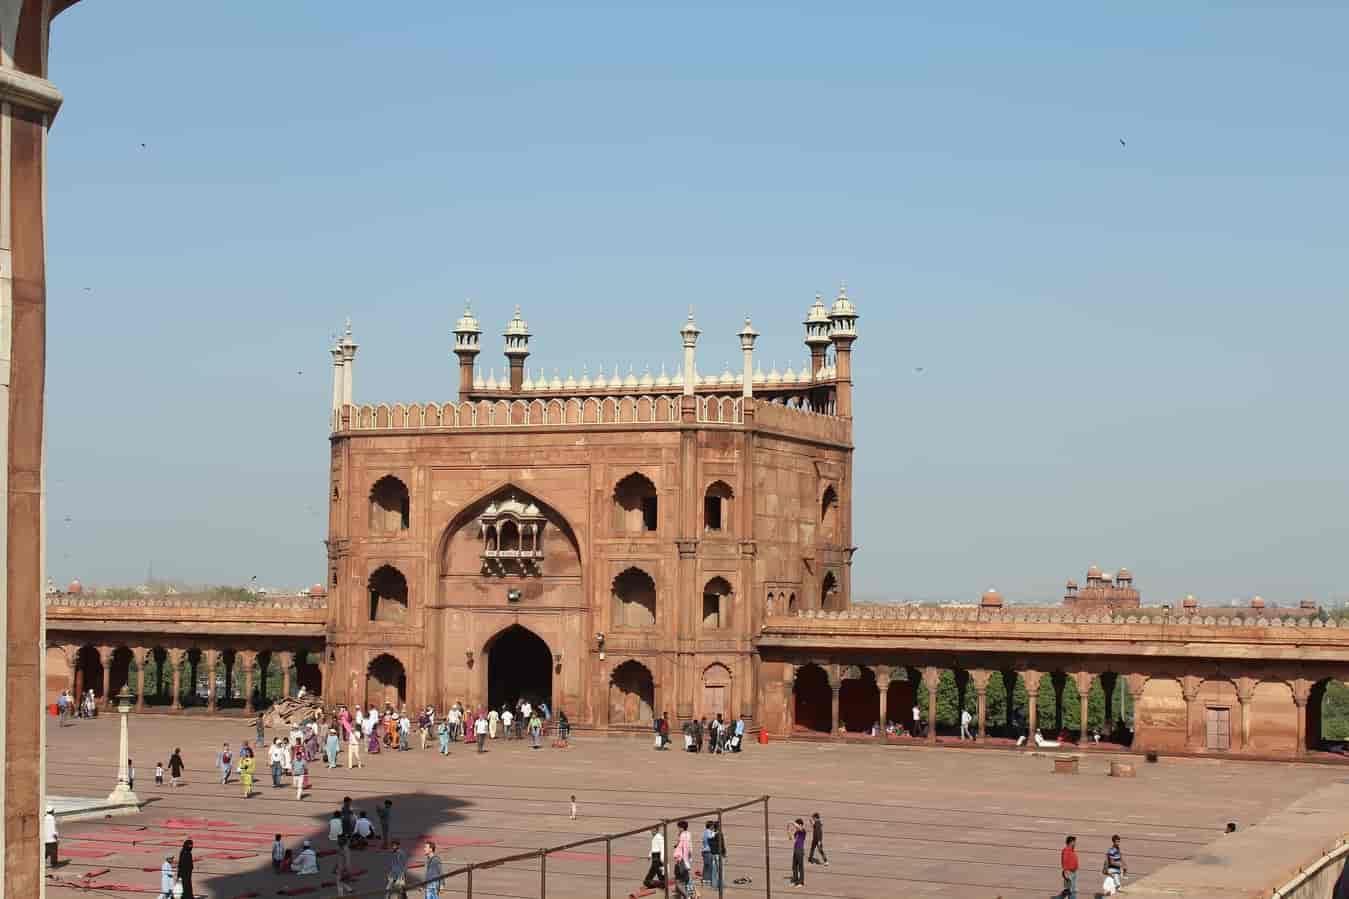 Delhi Tourist Places List With Images